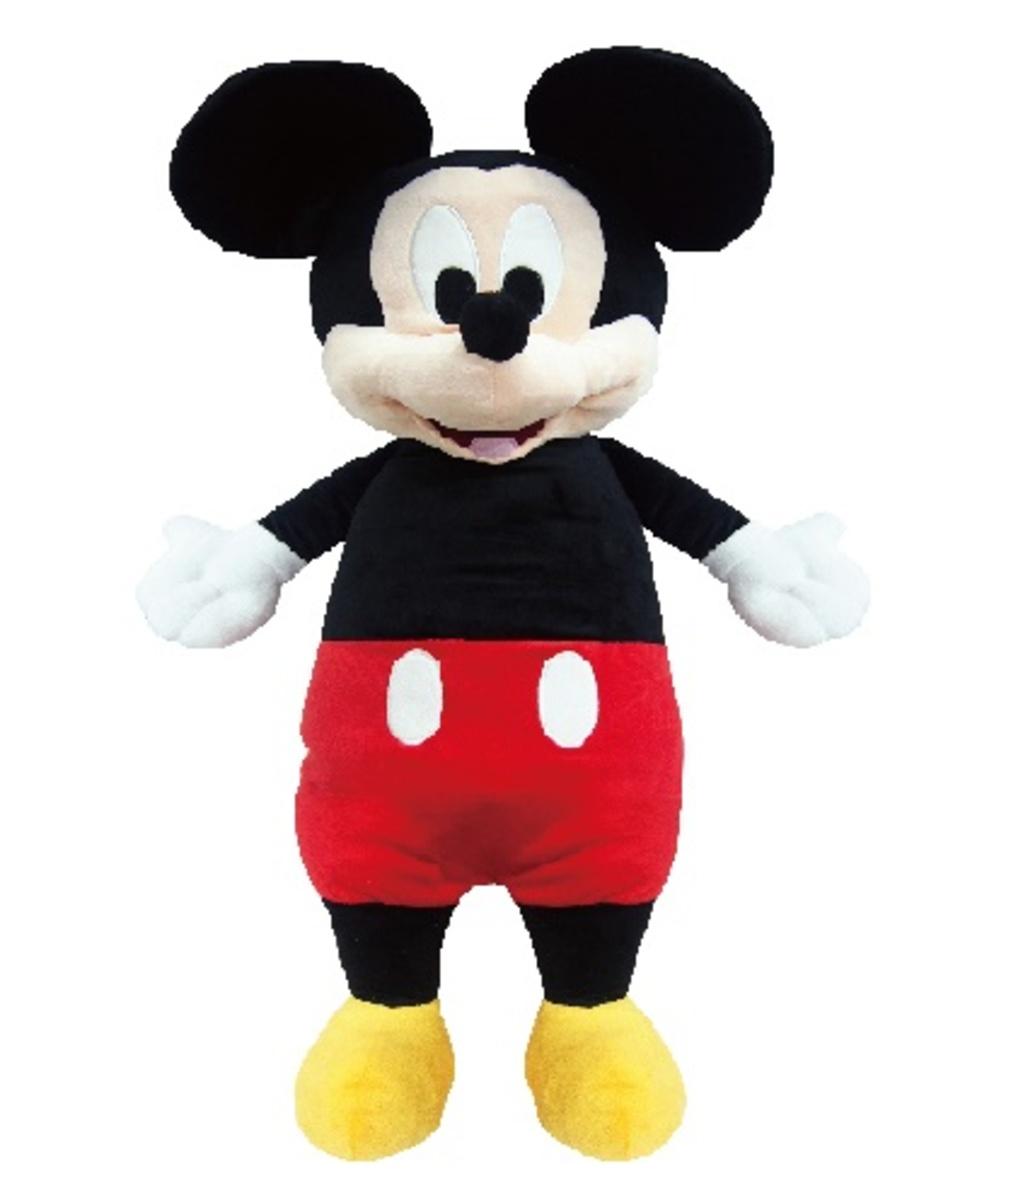 34Inch Mickey Plush Doll